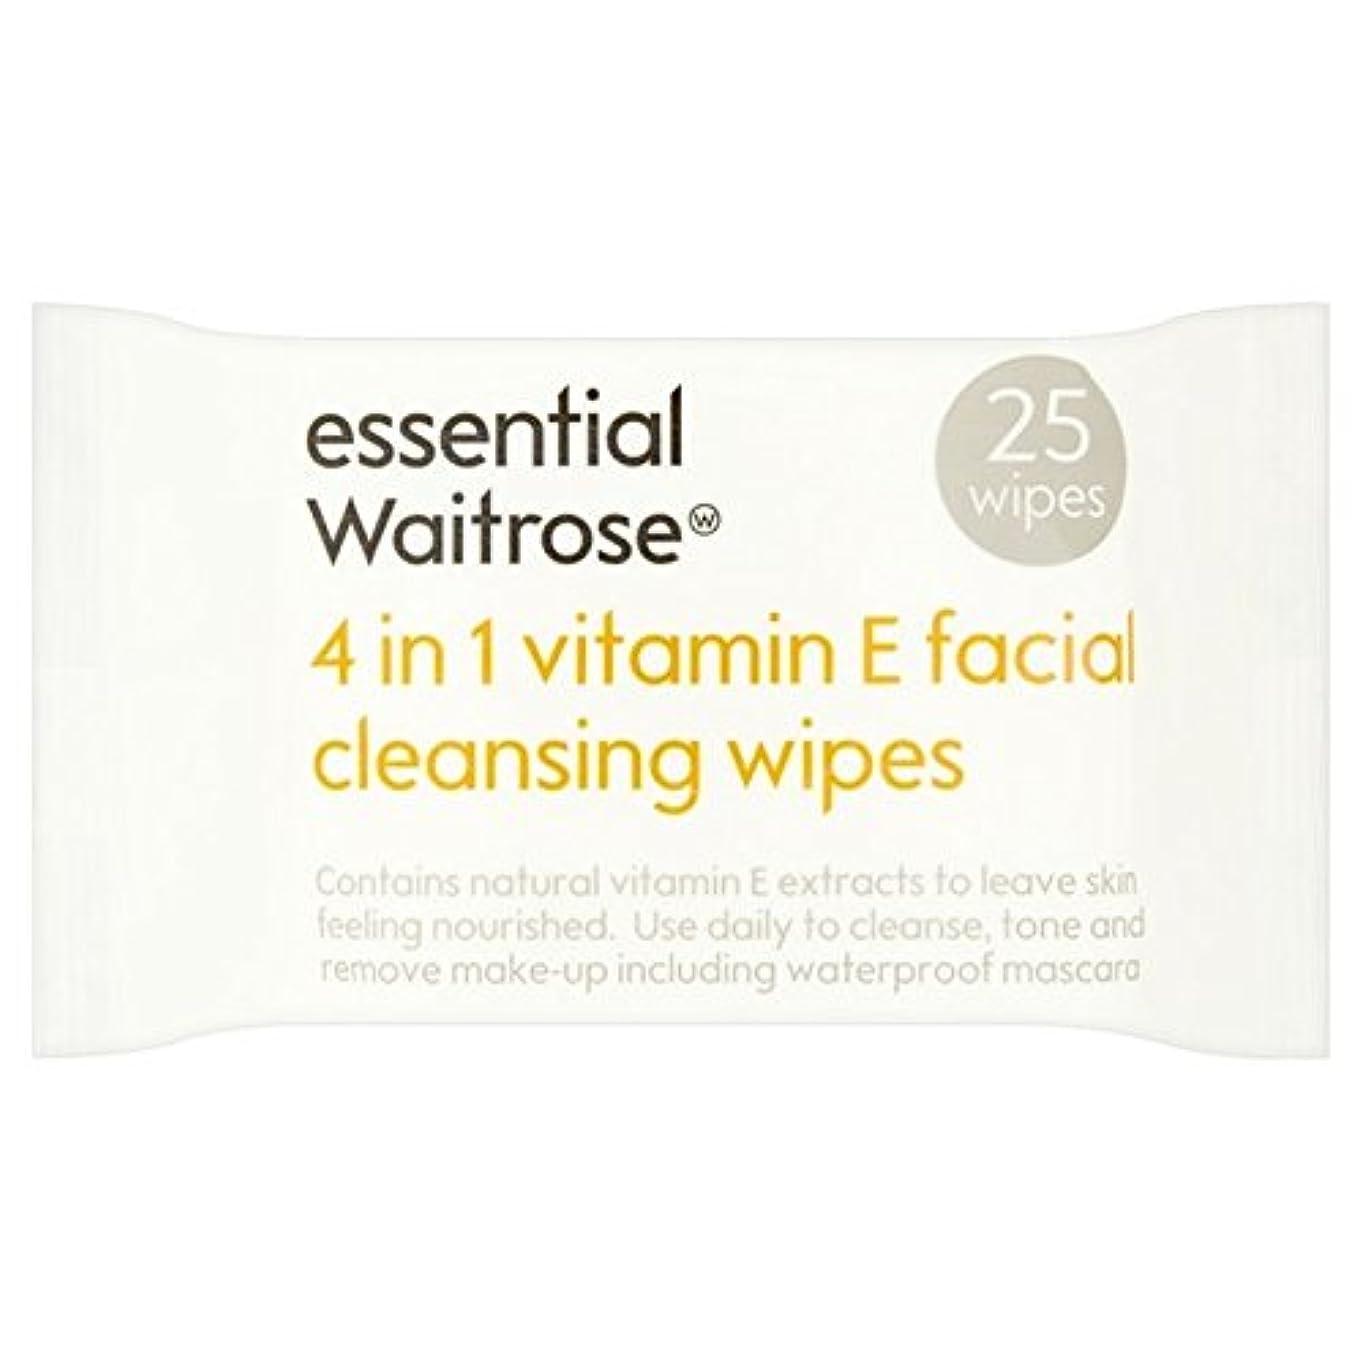 静かな不適当巡礼者1つのクレンジングで4不可欠パックあたりのビタミンウェイトローズ25ワイプ x4 - Essential 4 in 1 Cleansing Wipes Vitamin E Waitrose 25 per pack (Pack of 4) [並行輸入品]